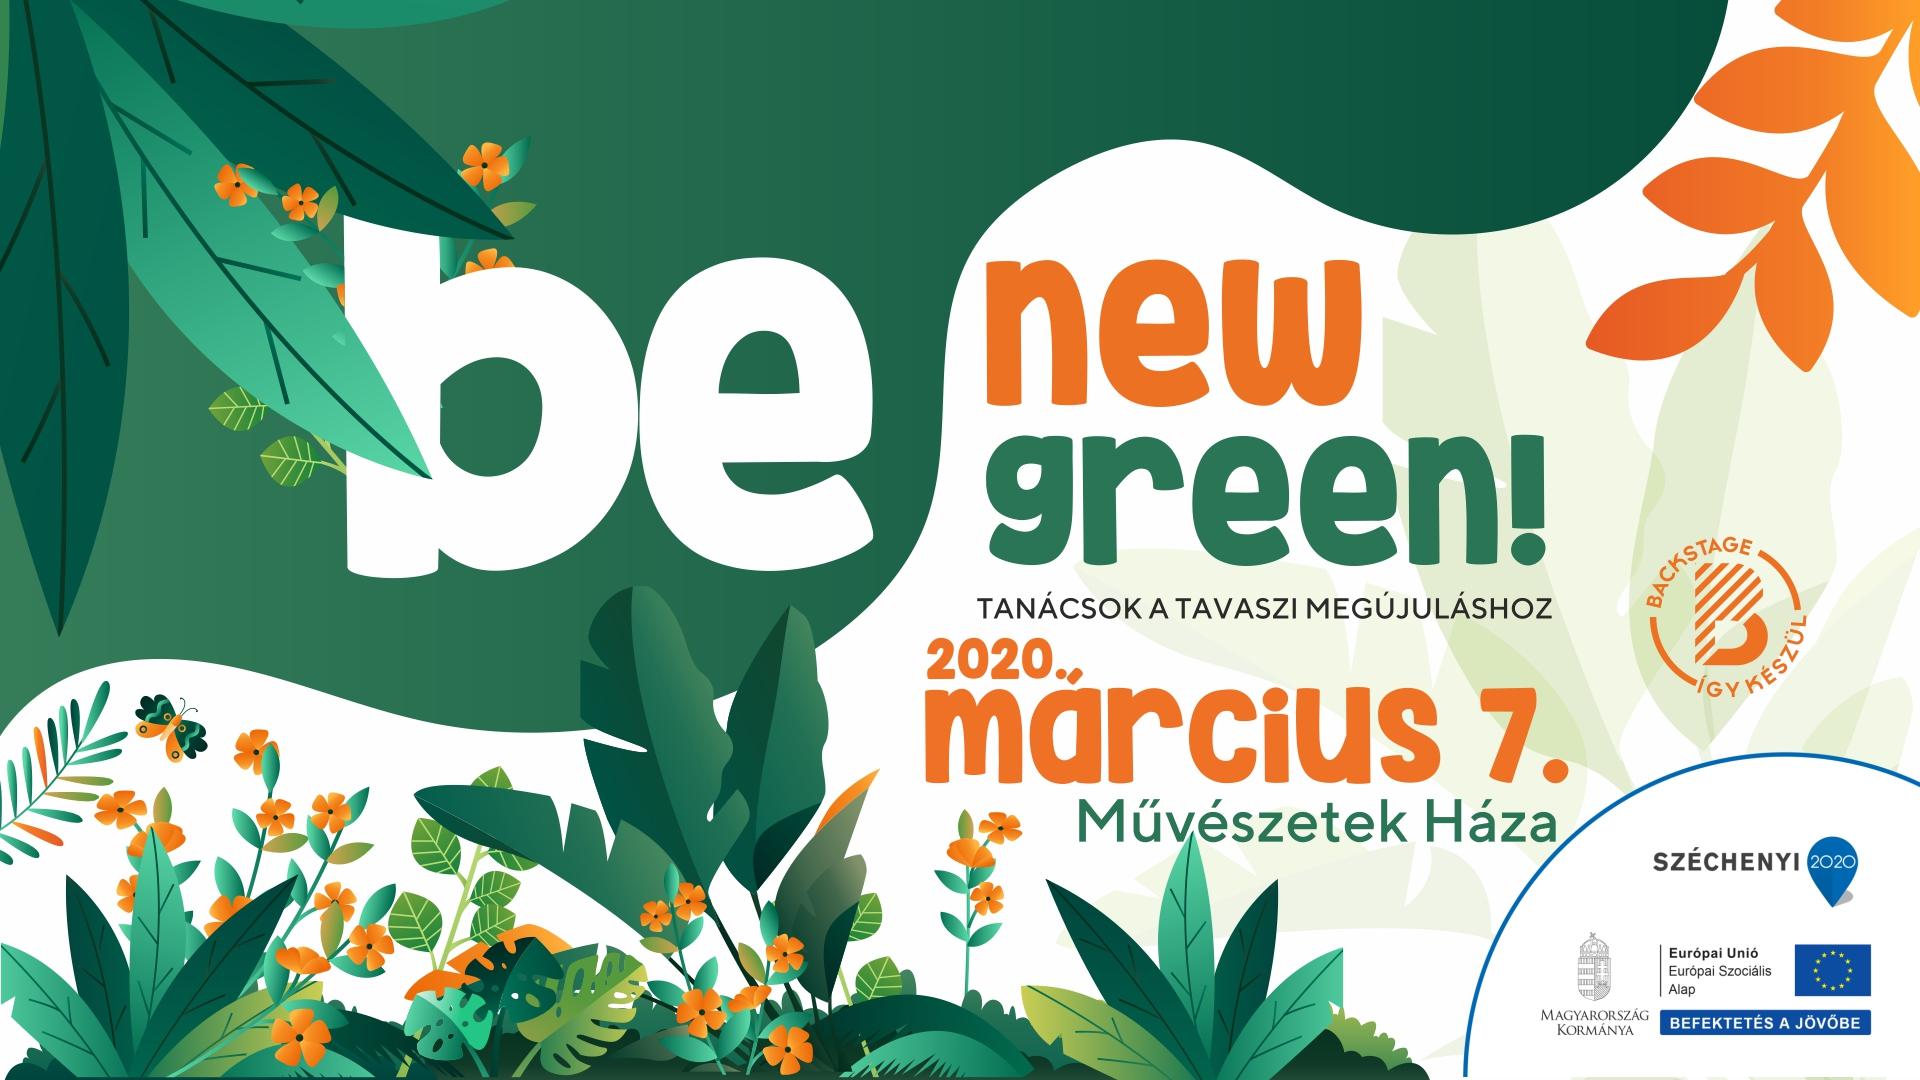 Be new, be green! – Tanácsok a tavaszi megújuláshoz @ Művészetek Háza